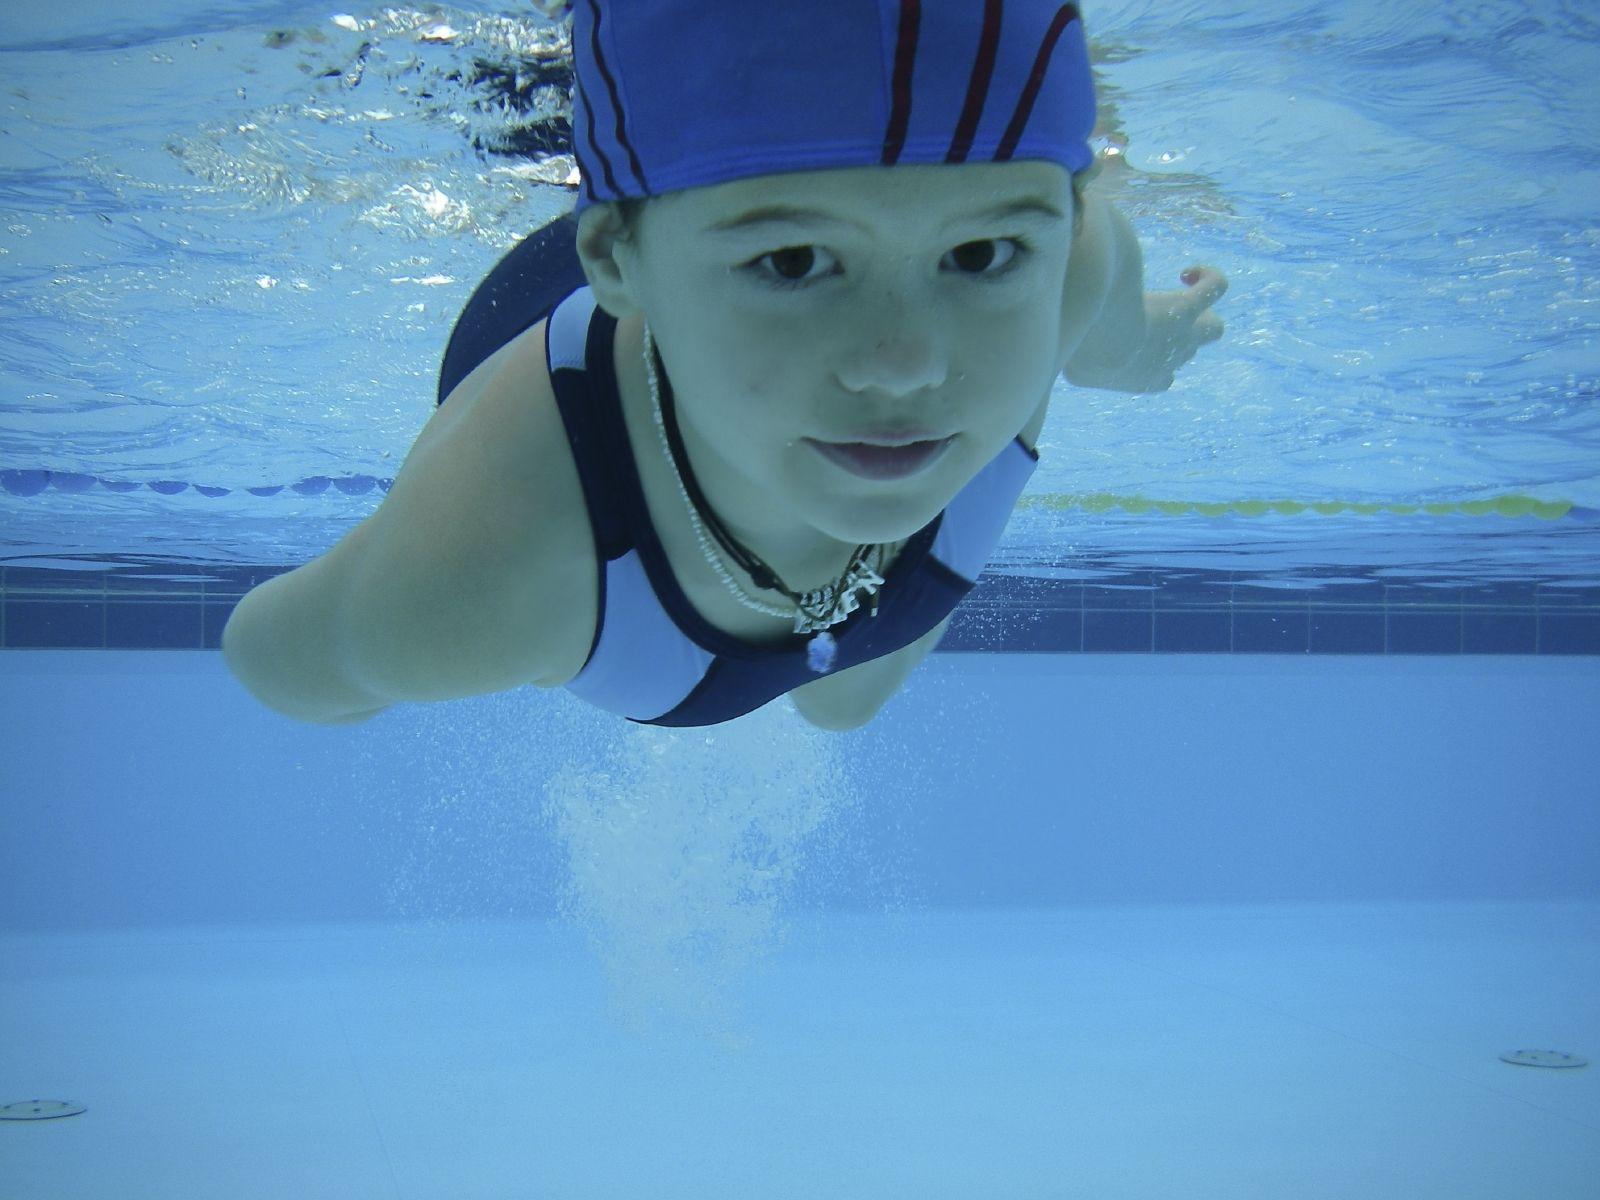 El Campus de Setmana Santa, amb curset de natació diari